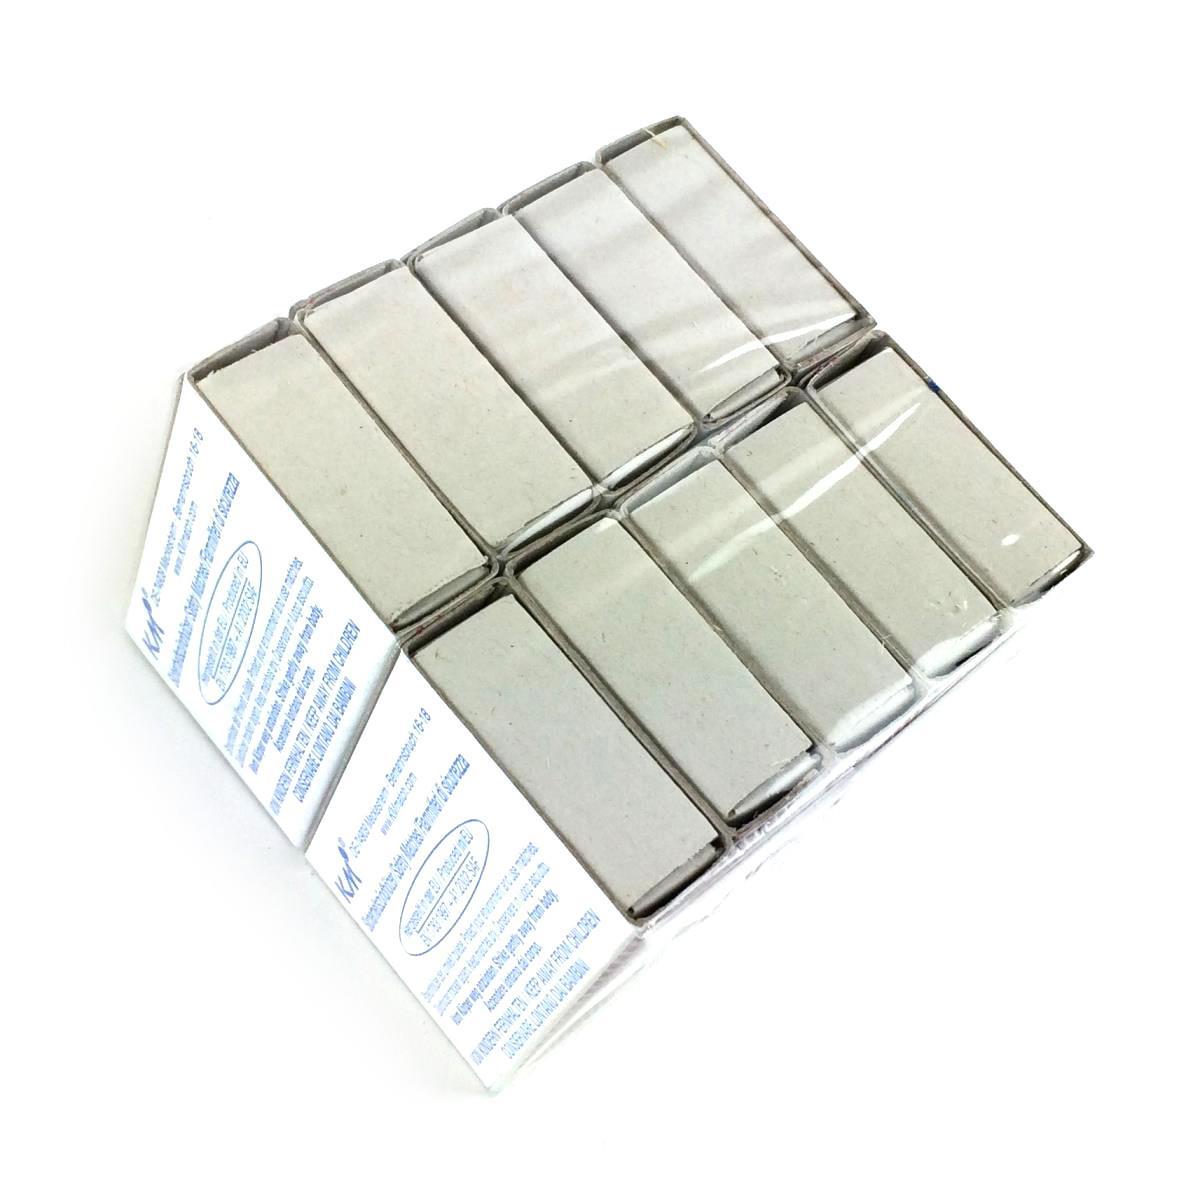 500 Schachteln Europa Streichhölzer, Zündhölzer, Zündholzschachtel,KM Zündholz International,4004753000504, 0721947484301